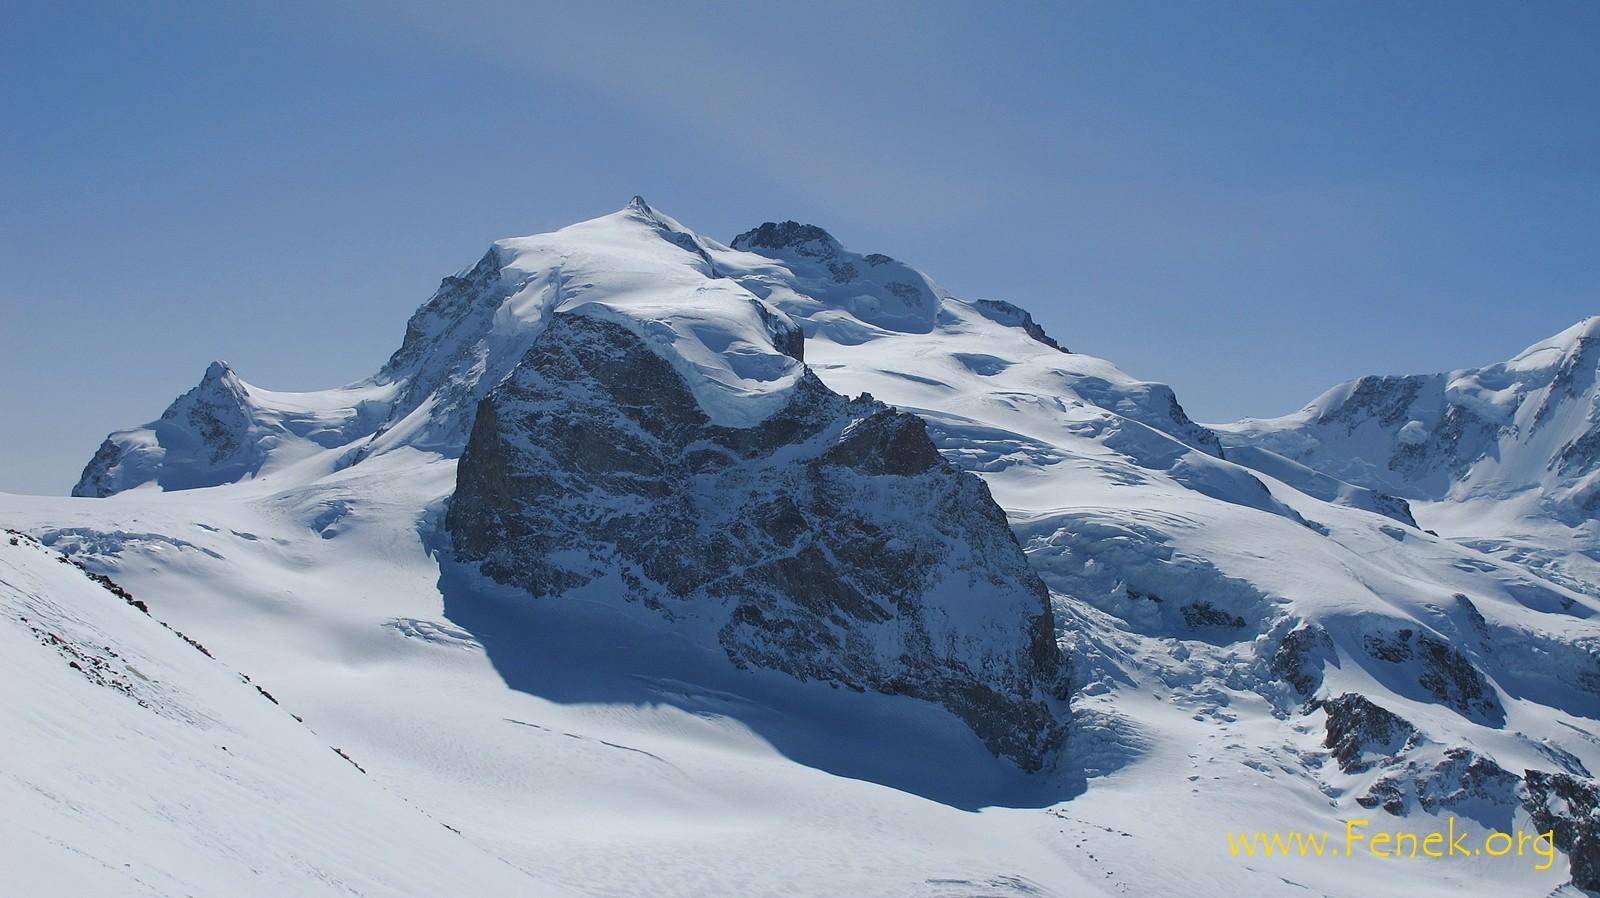 Monte Rosa Massiv mit Dufourspitze und Nordend